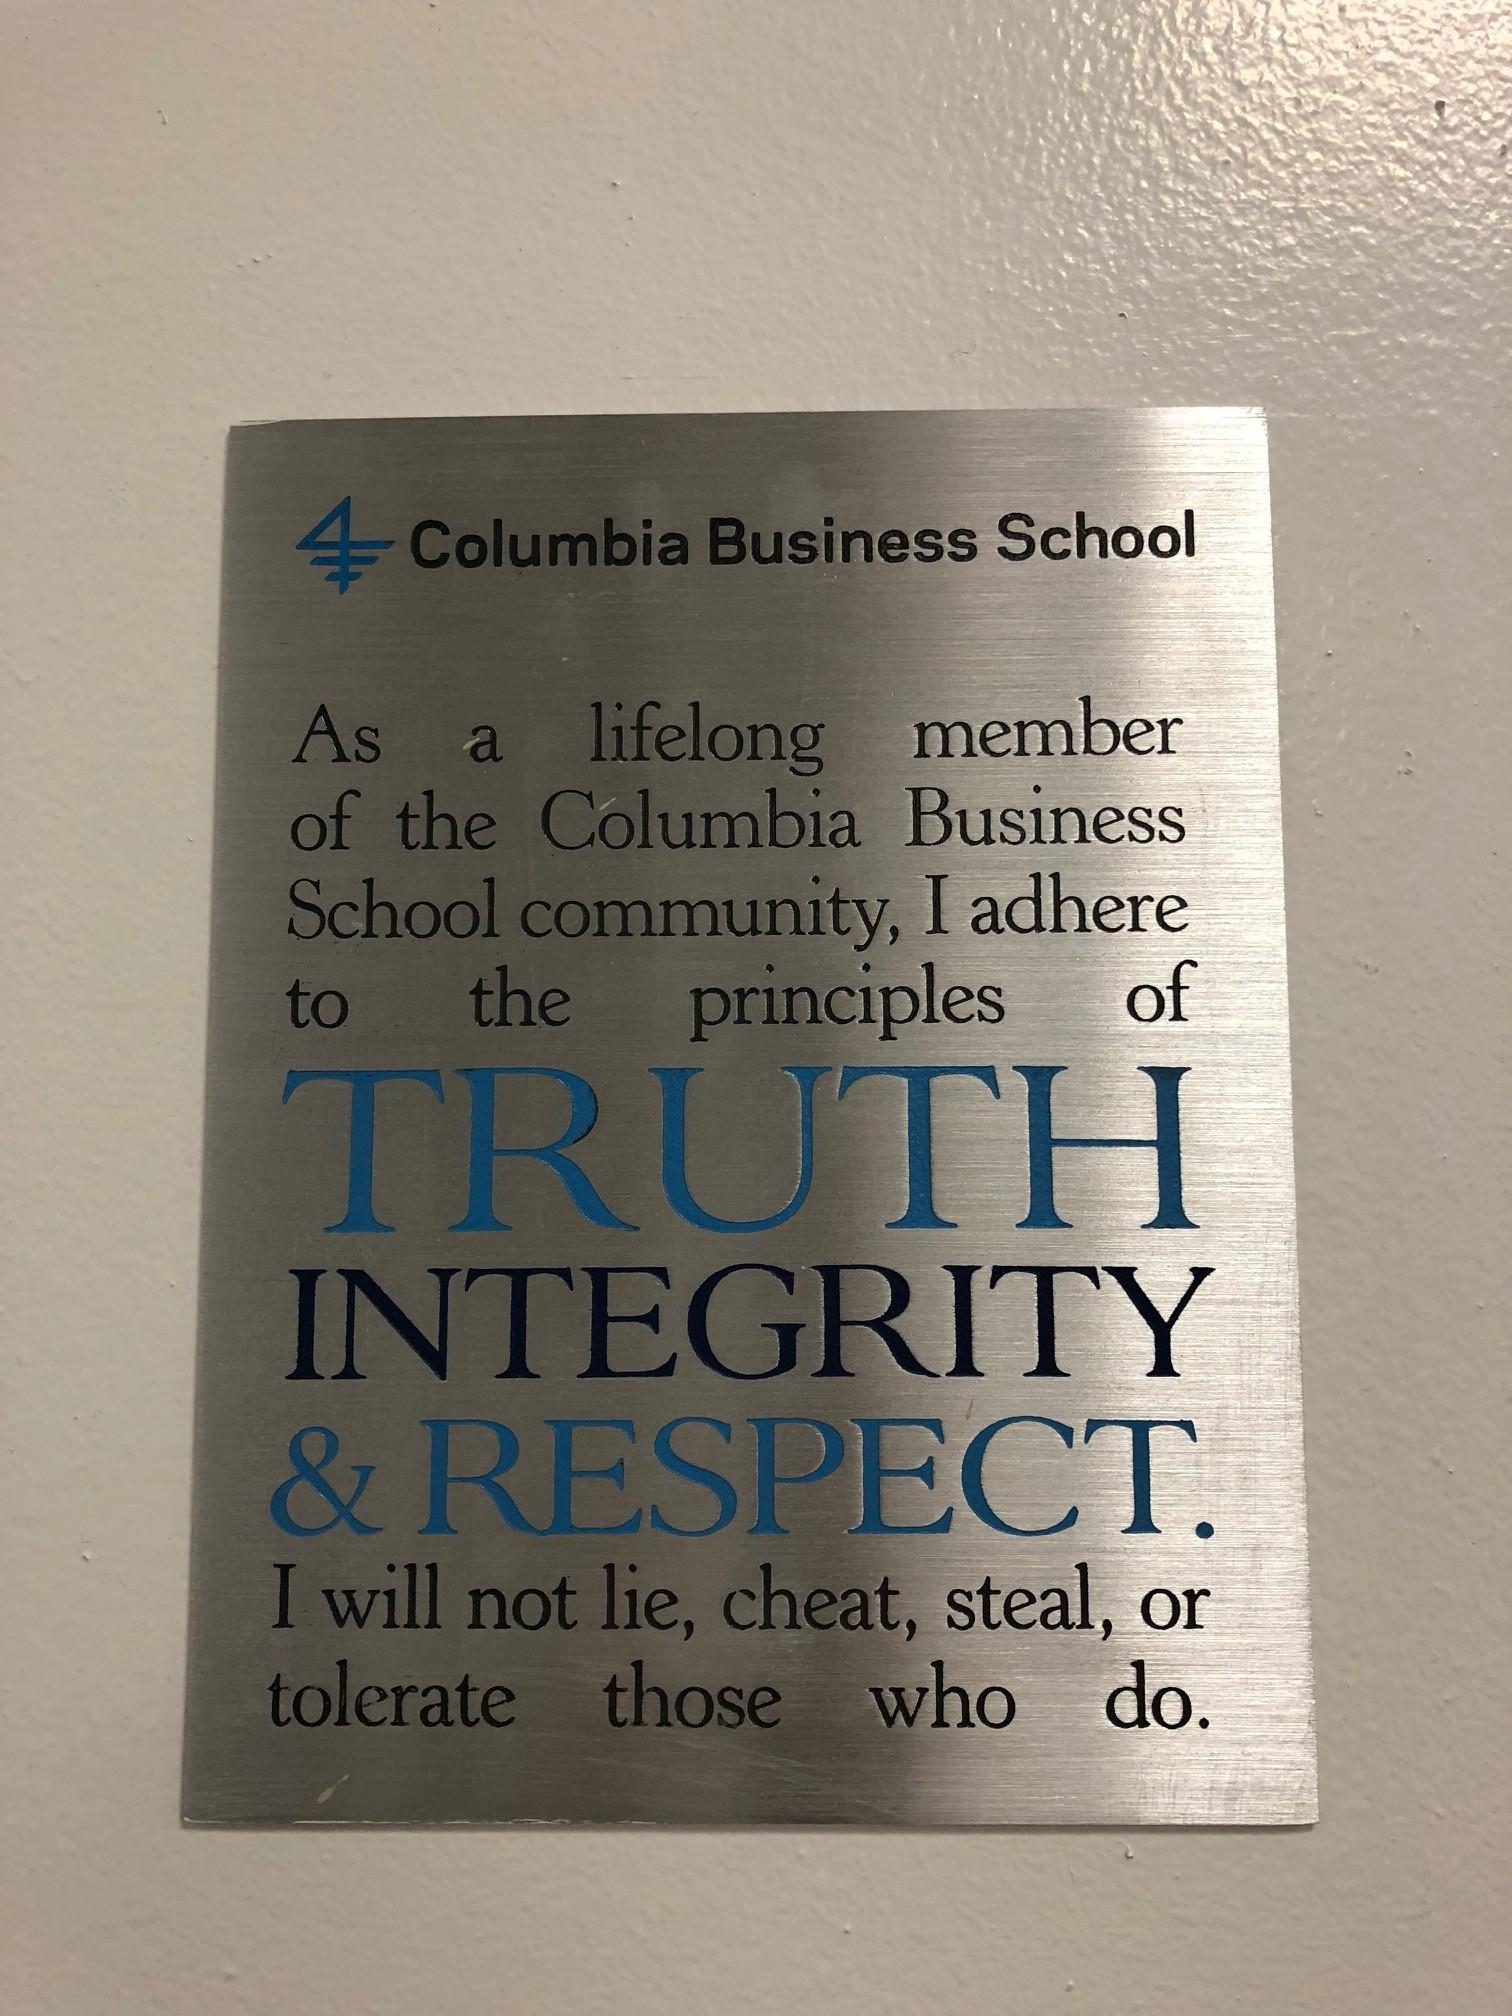 """Placa """"Truth, Integrity and Respect"""", na Escola de Negócios de Columbia (Foto: ARQUIVO PESSOAL/FERNANDA LOPES DE MACEDO THEES)"""